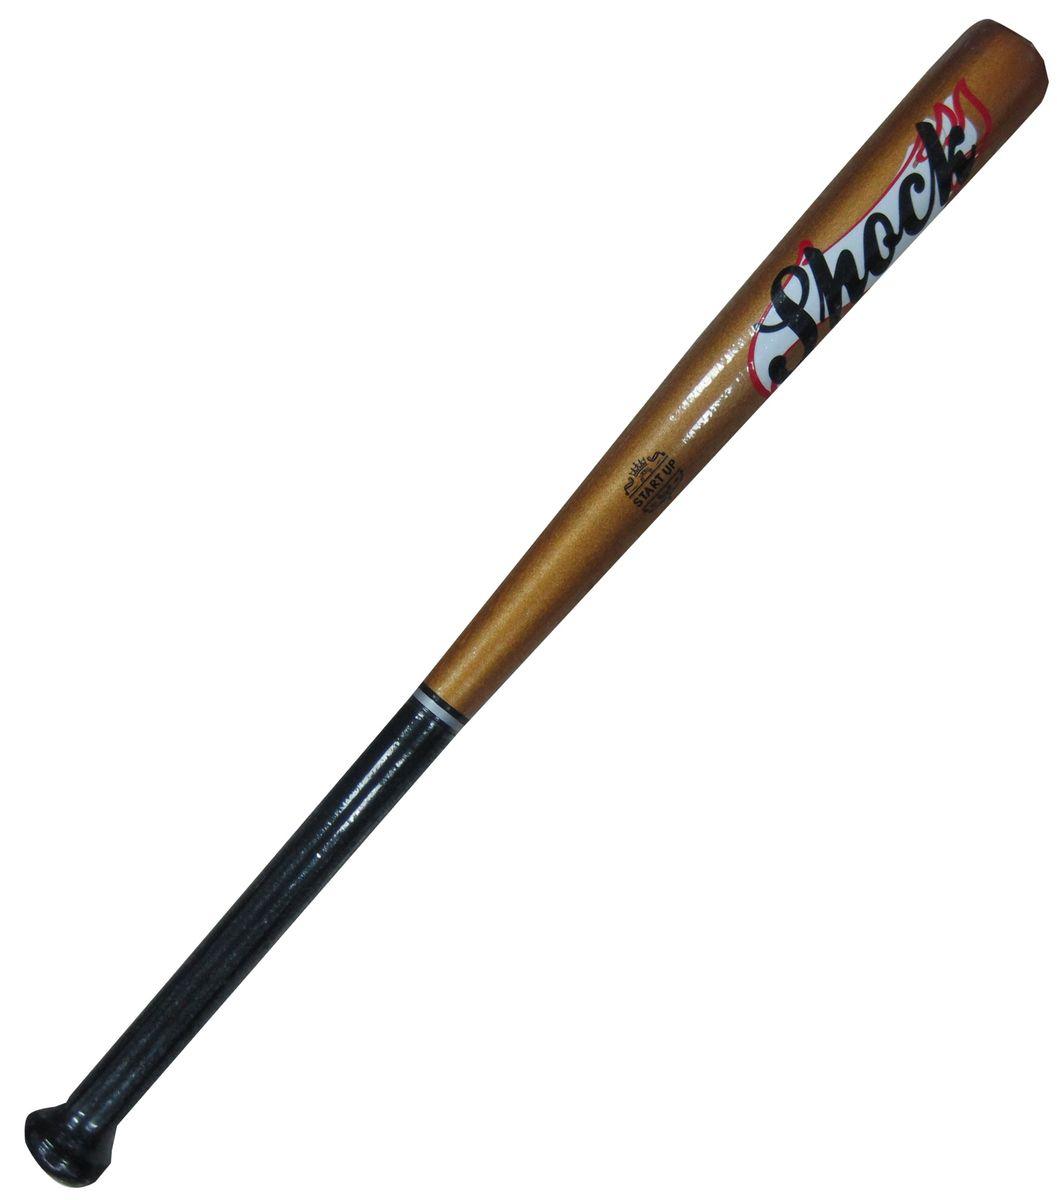 Бита бейсбольная Start UP R Shock, цвет: золотой, черный, 26339449Бейсбольная бита Start Up выполнена из каучукового дерева, а это значит, что она невероятно прочная и плотная. Размер - 26 (66 см).